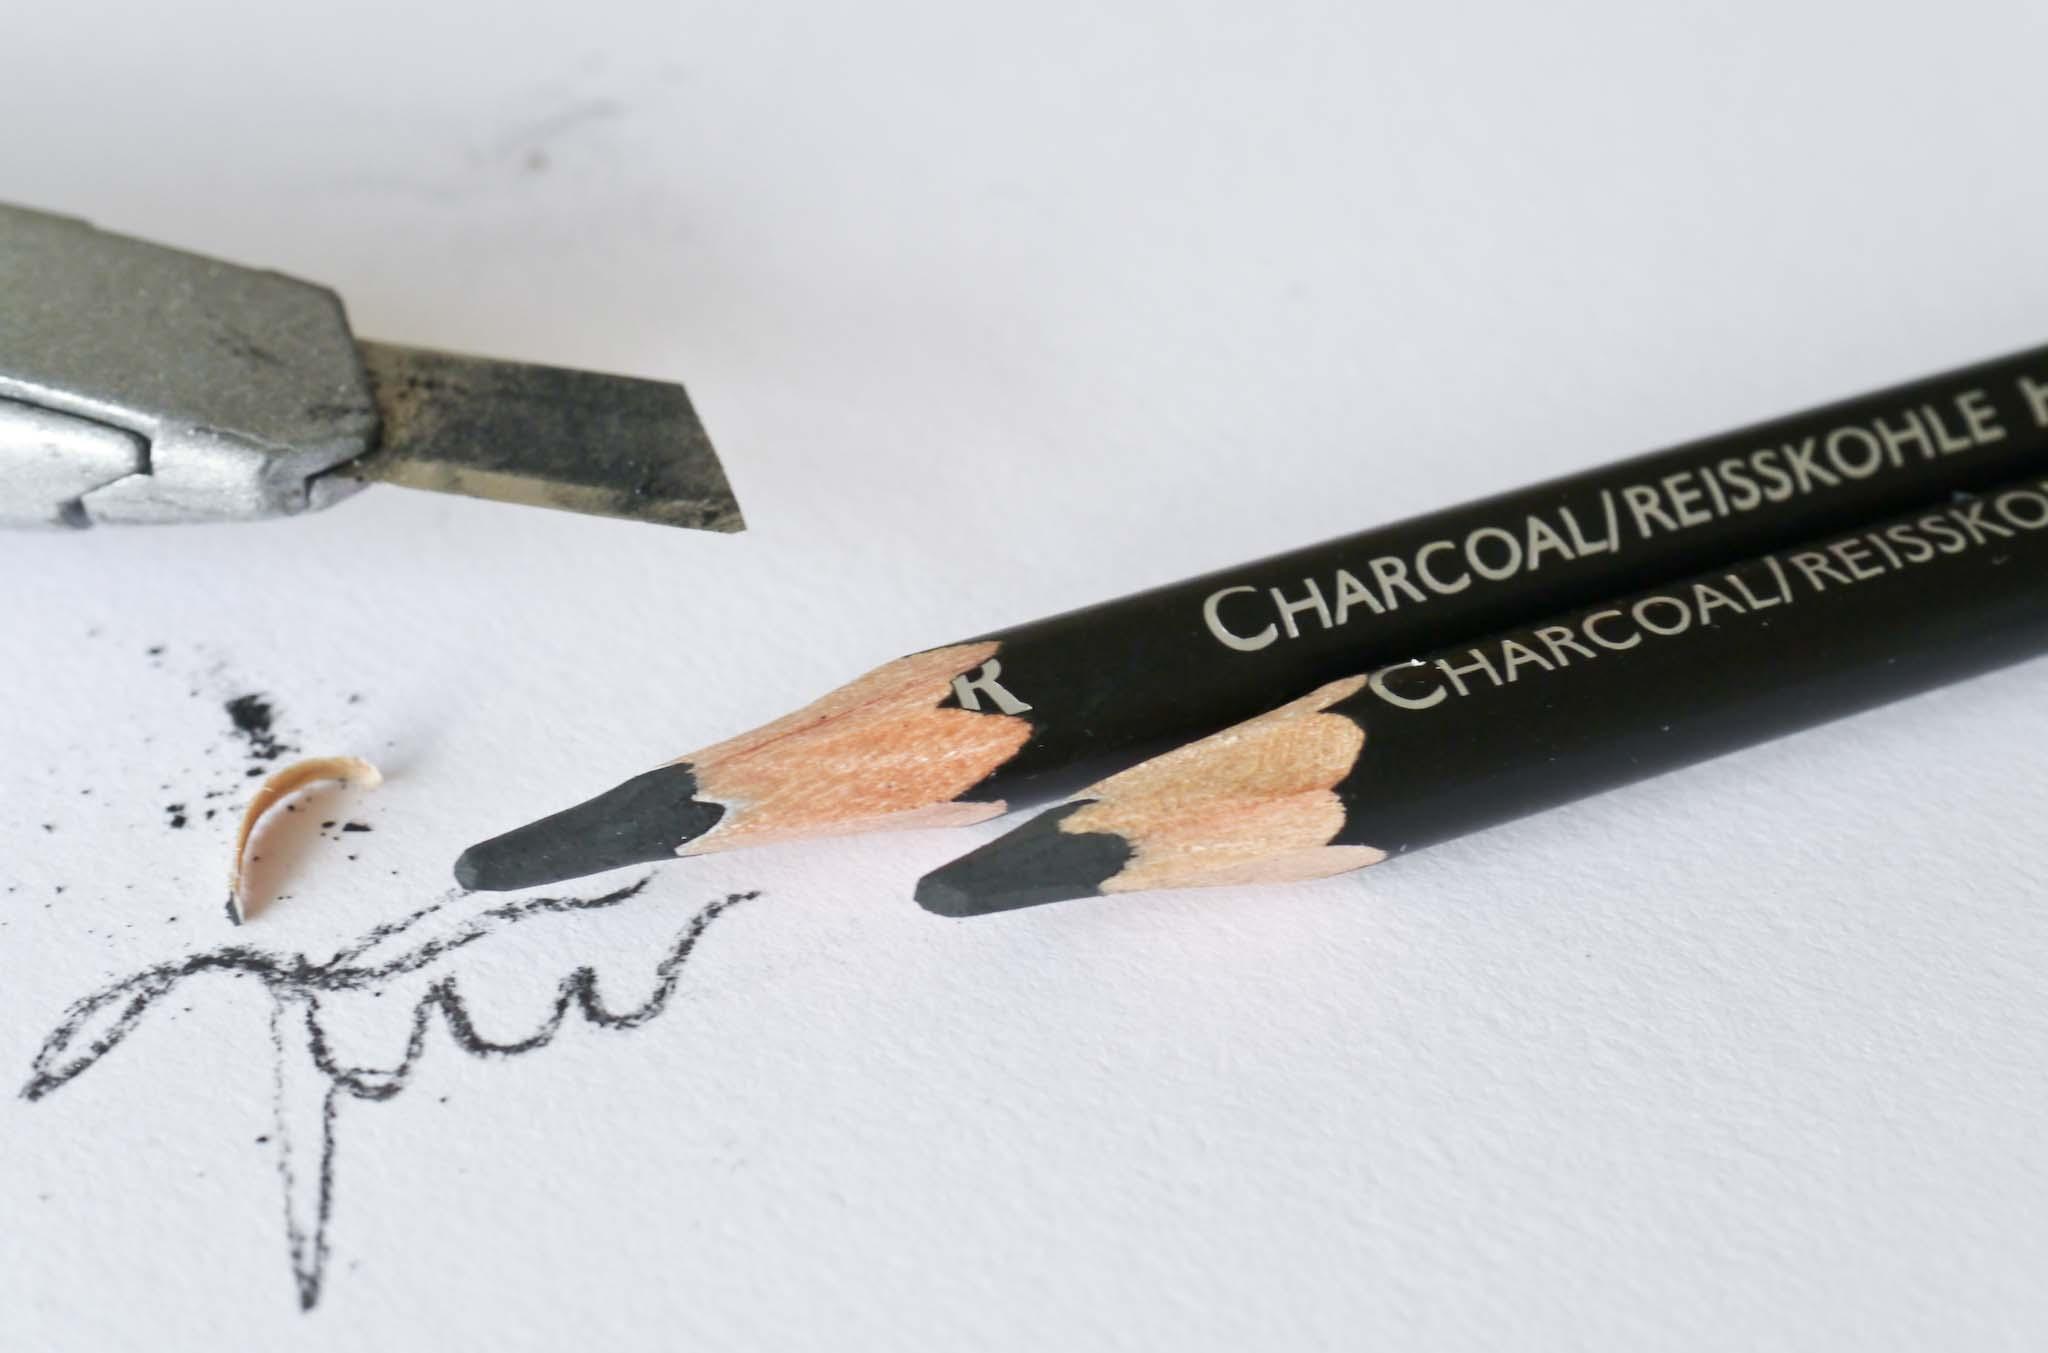 Cretacolor Charcoal pencils spidsning